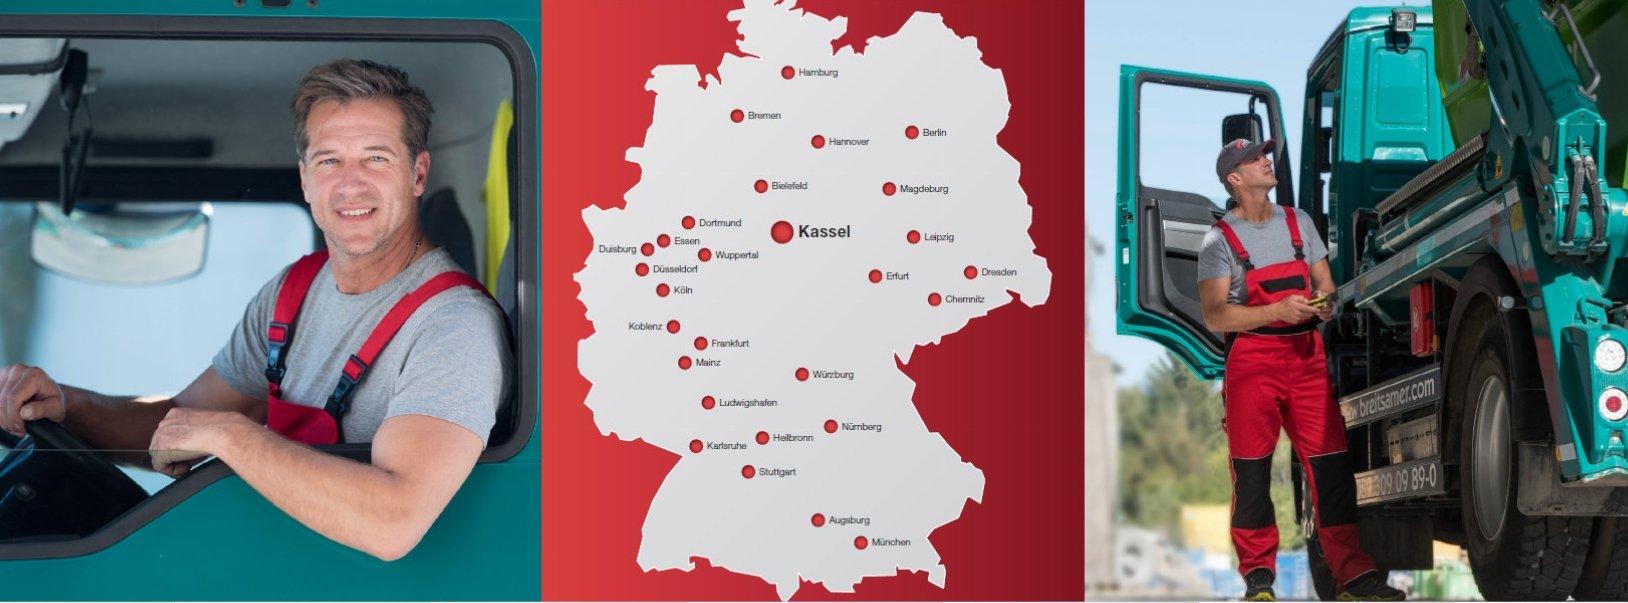 FAHR-ZEIT Personalleasing GmbH & Co. KG   Würzburg in 97080 Würzburg